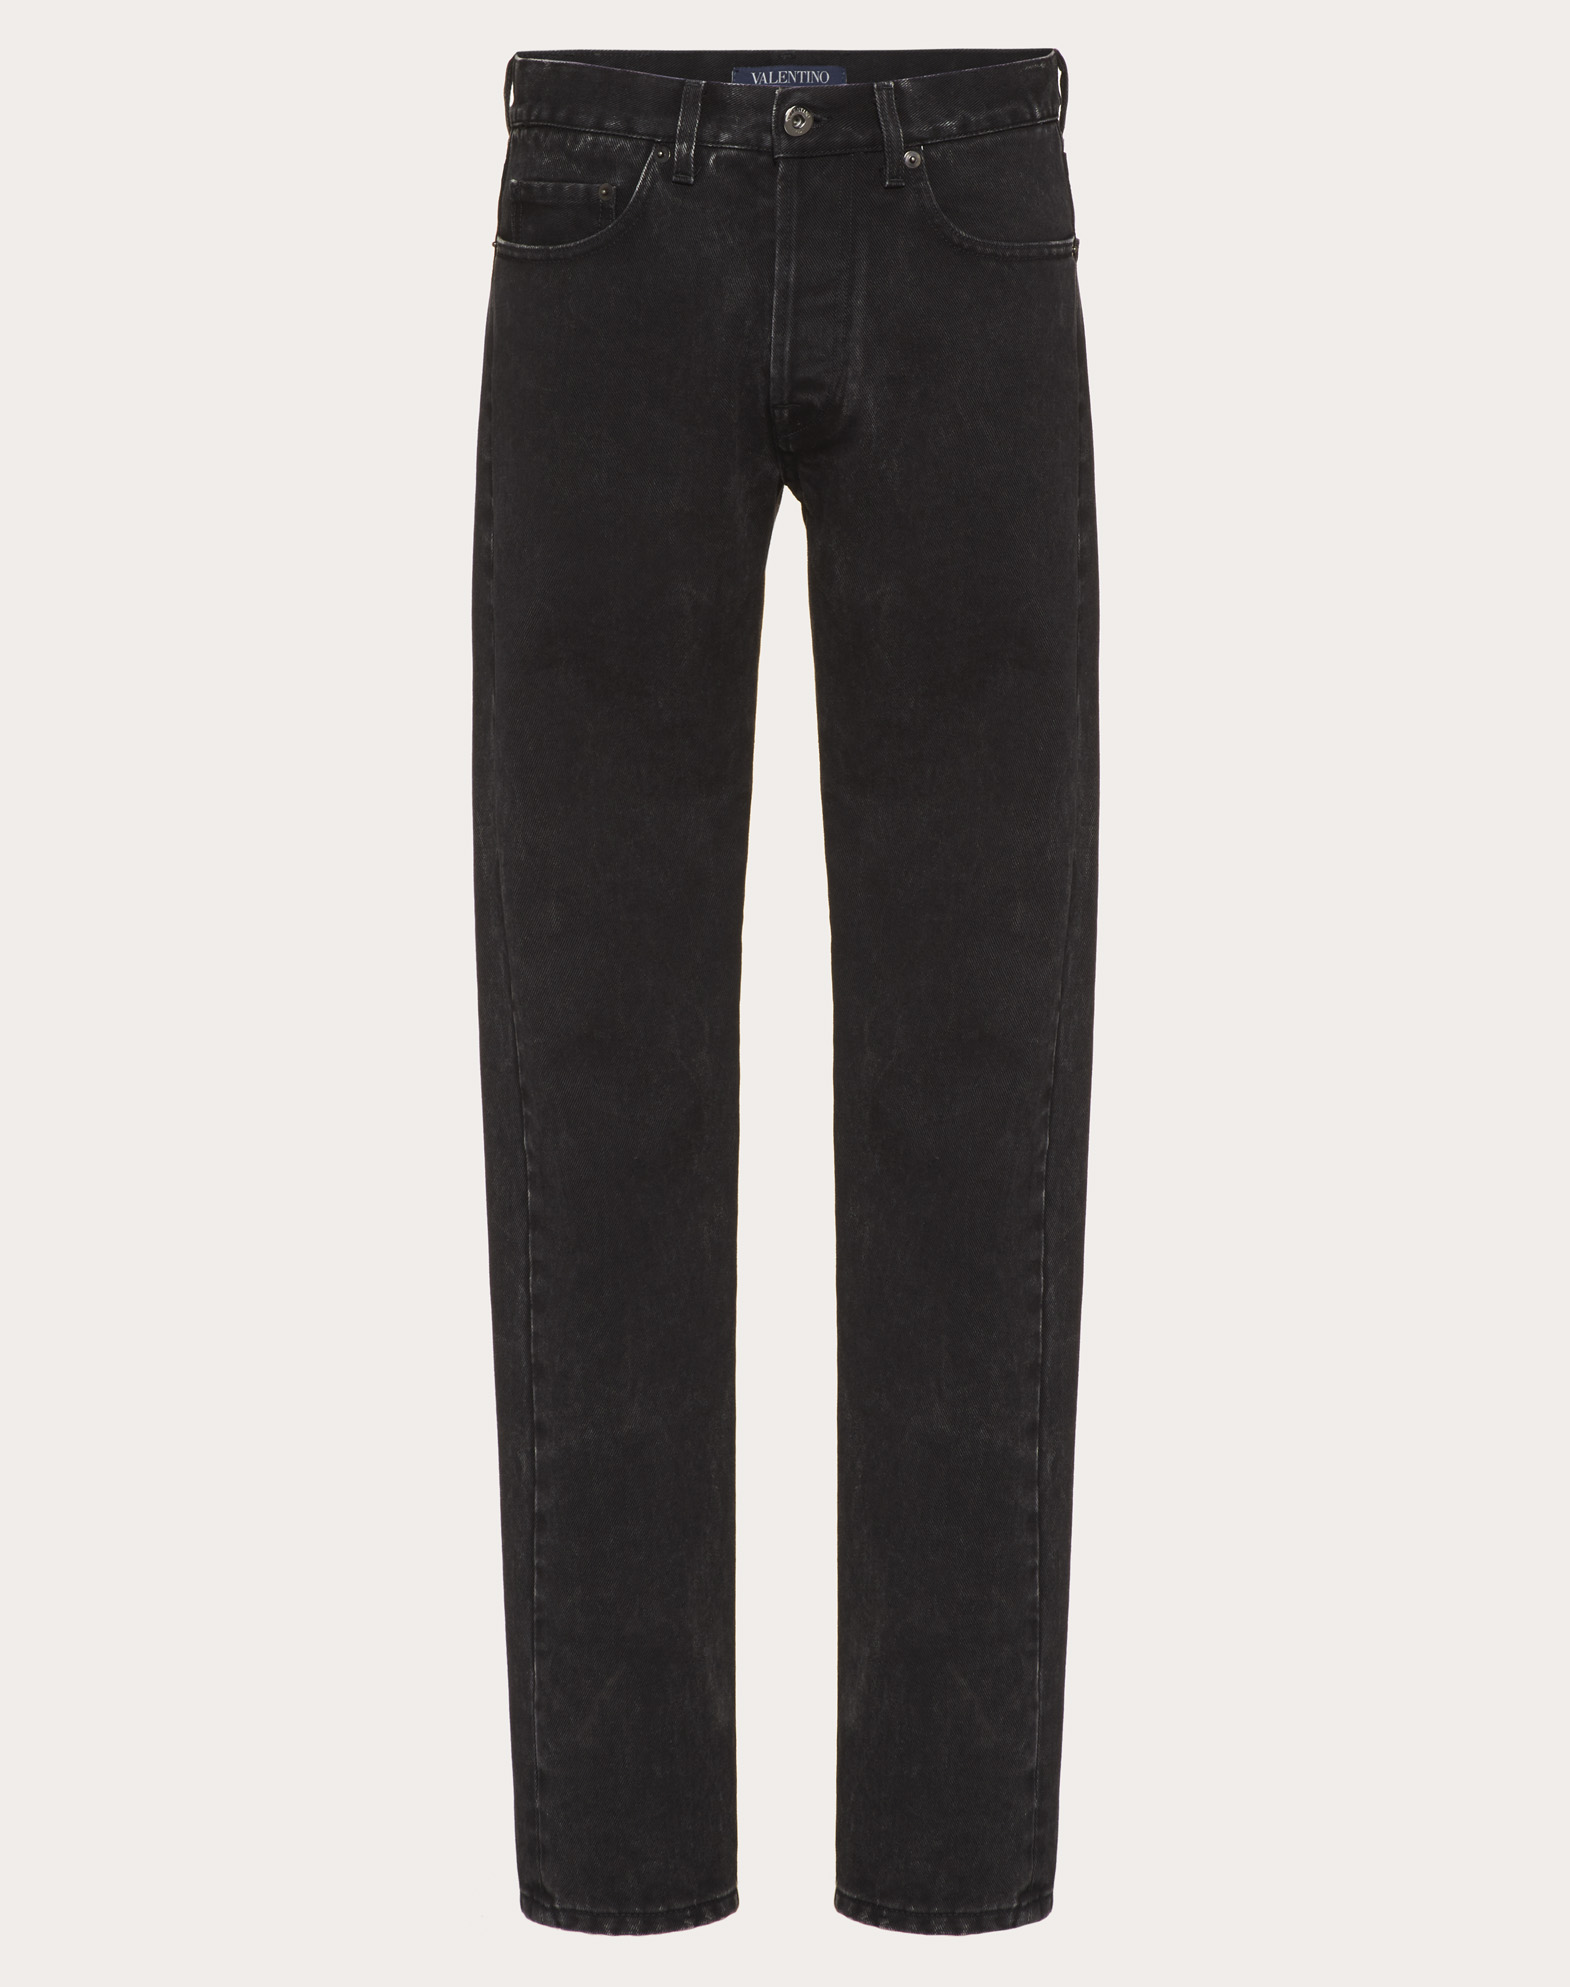 5-Pocket-Jeans, Marble Wash